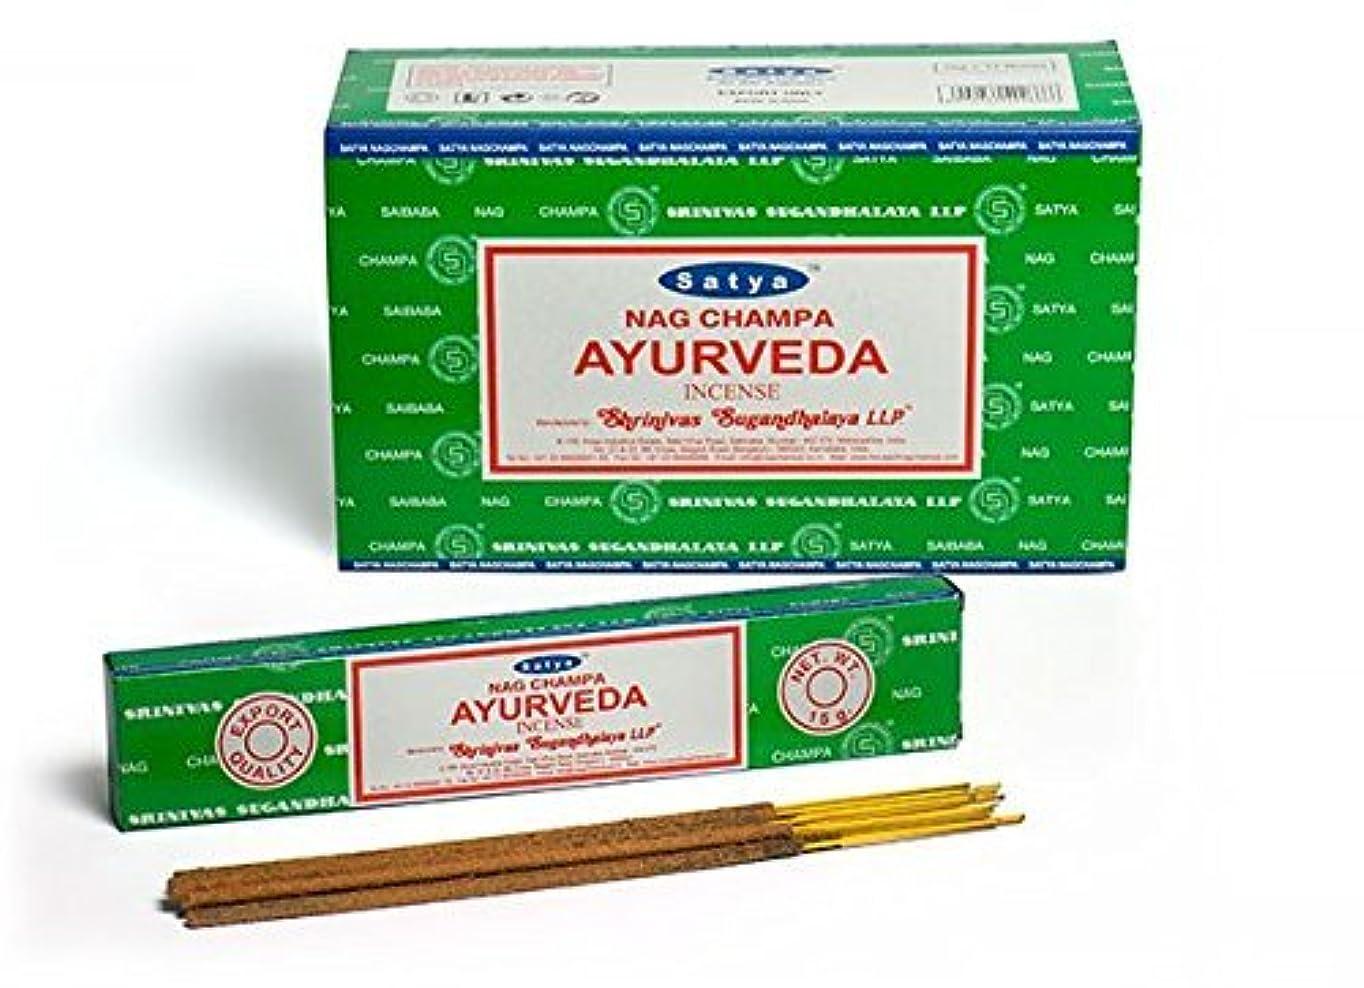 デジタルダイジェストパーセントBuycrafty Satya Champa Ayurveda Incense Stick,180 Grams Box (15g x 12 Boxes)